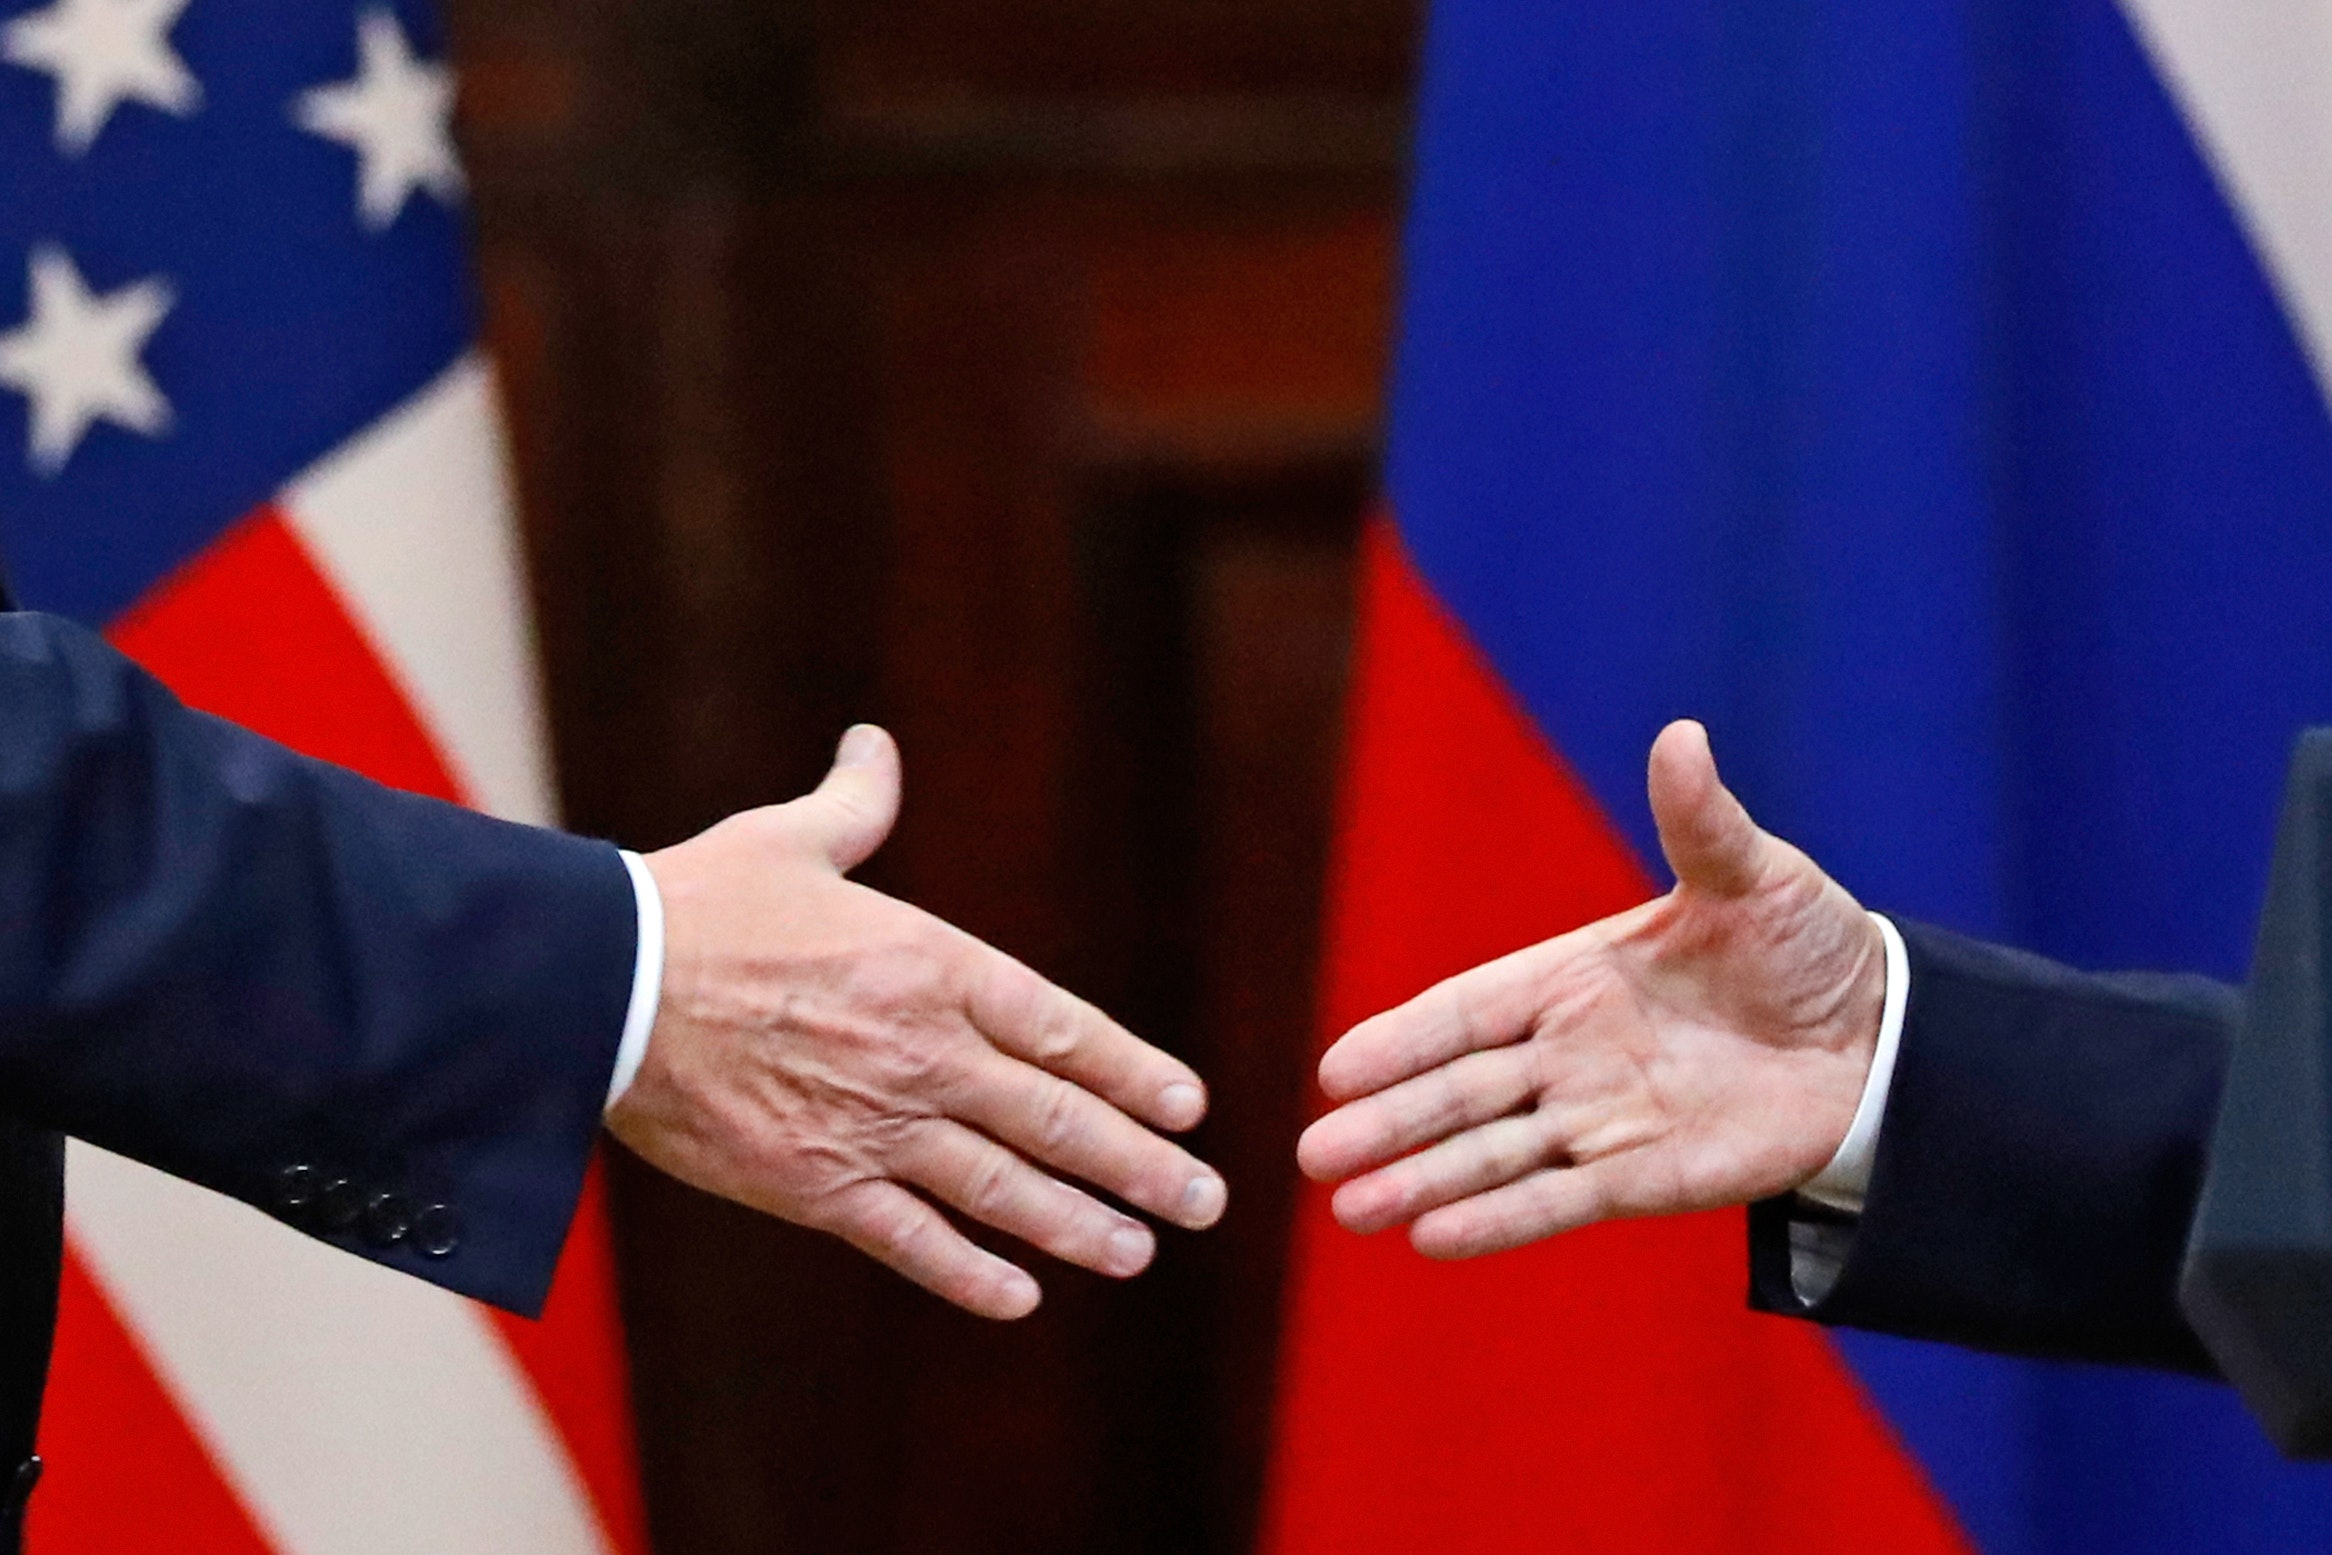 Momenat rukovanja američkog predsednika Donalda Trampa i ruskog predsednika Vladimira Putina nakon zajedničke konferencije za medije tokom njihovog sastanka u Helsinkiju, 16. jul 2018. (Foto: AP Photo/Alexander Zemlianichenko)